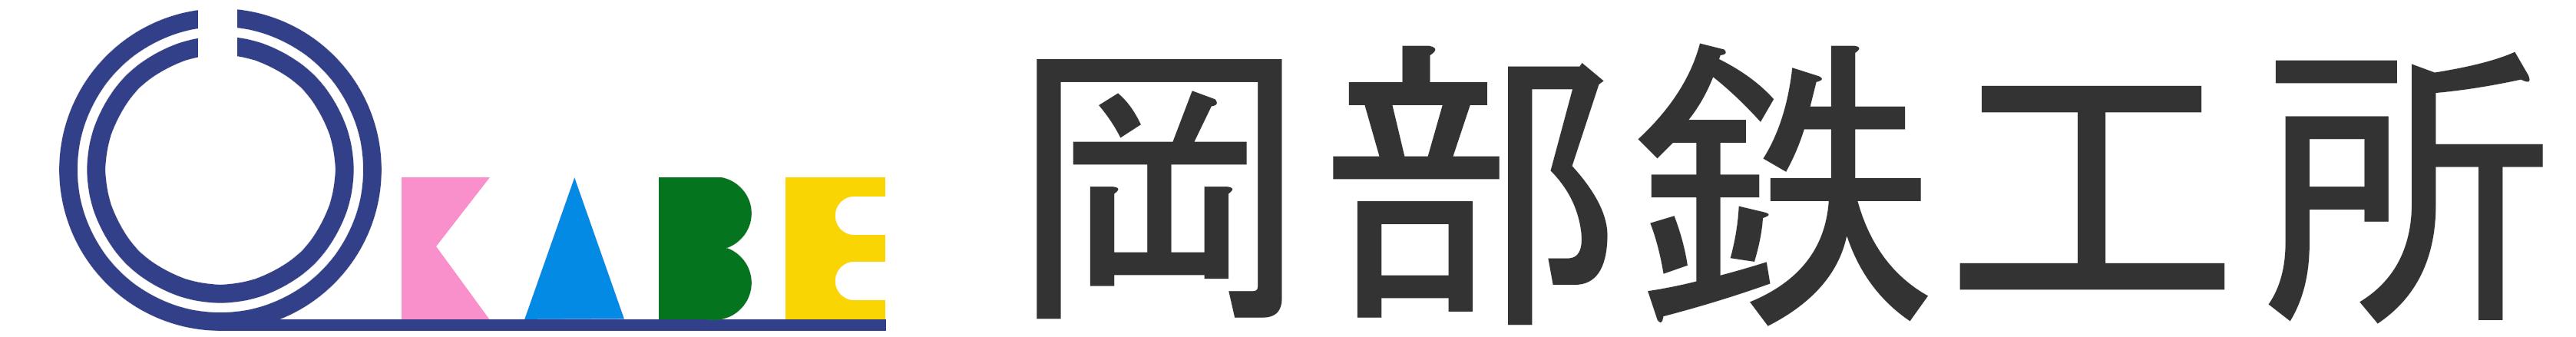 岡部鉄工所 / この手から未来を創造する /